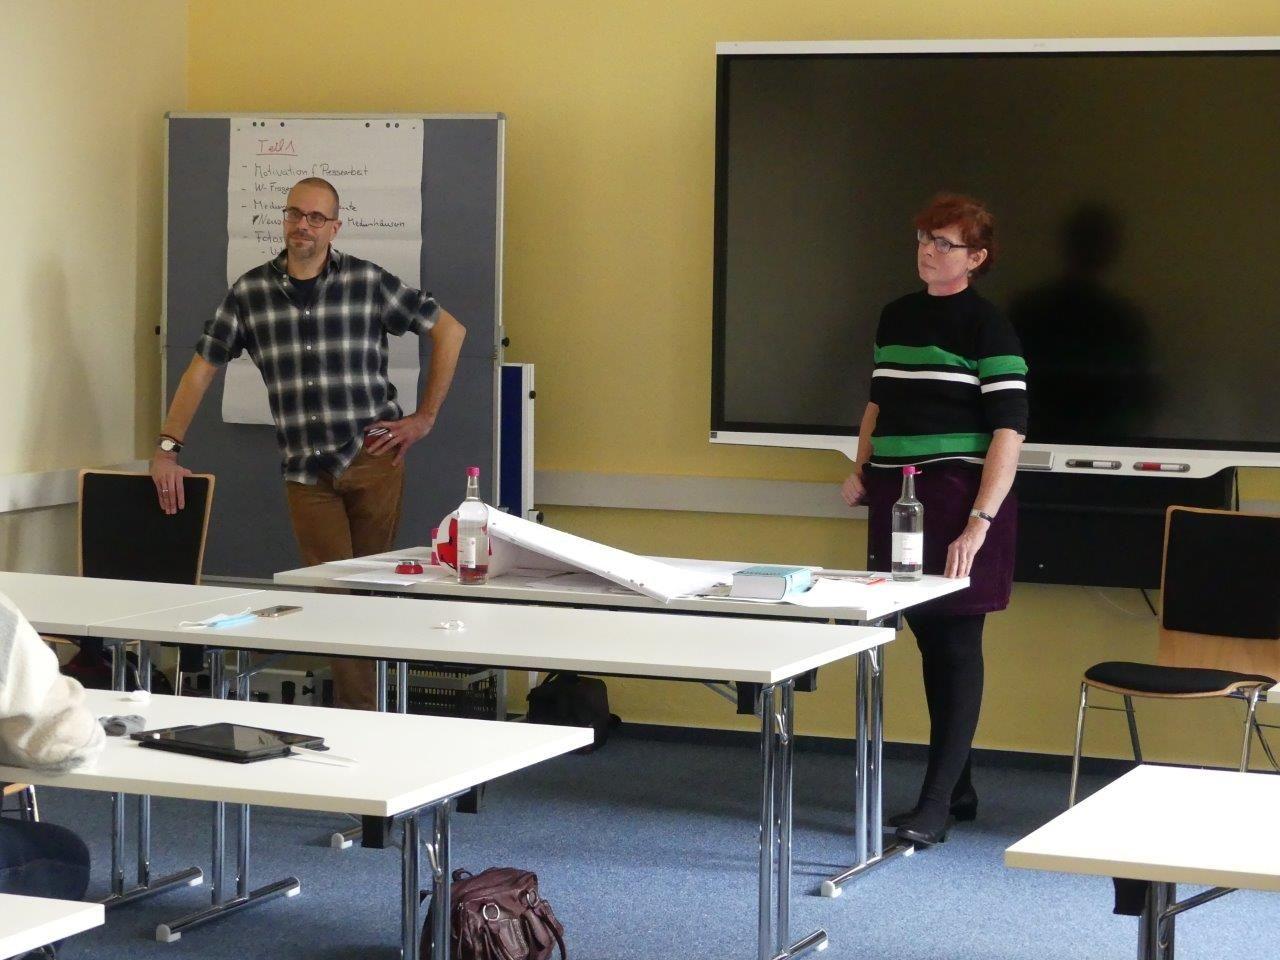 Impressionen aus einem gemeinsamen Workshop mit Thomas Achenbach bei der VHS Lingen (Copyright dort) im September 2020